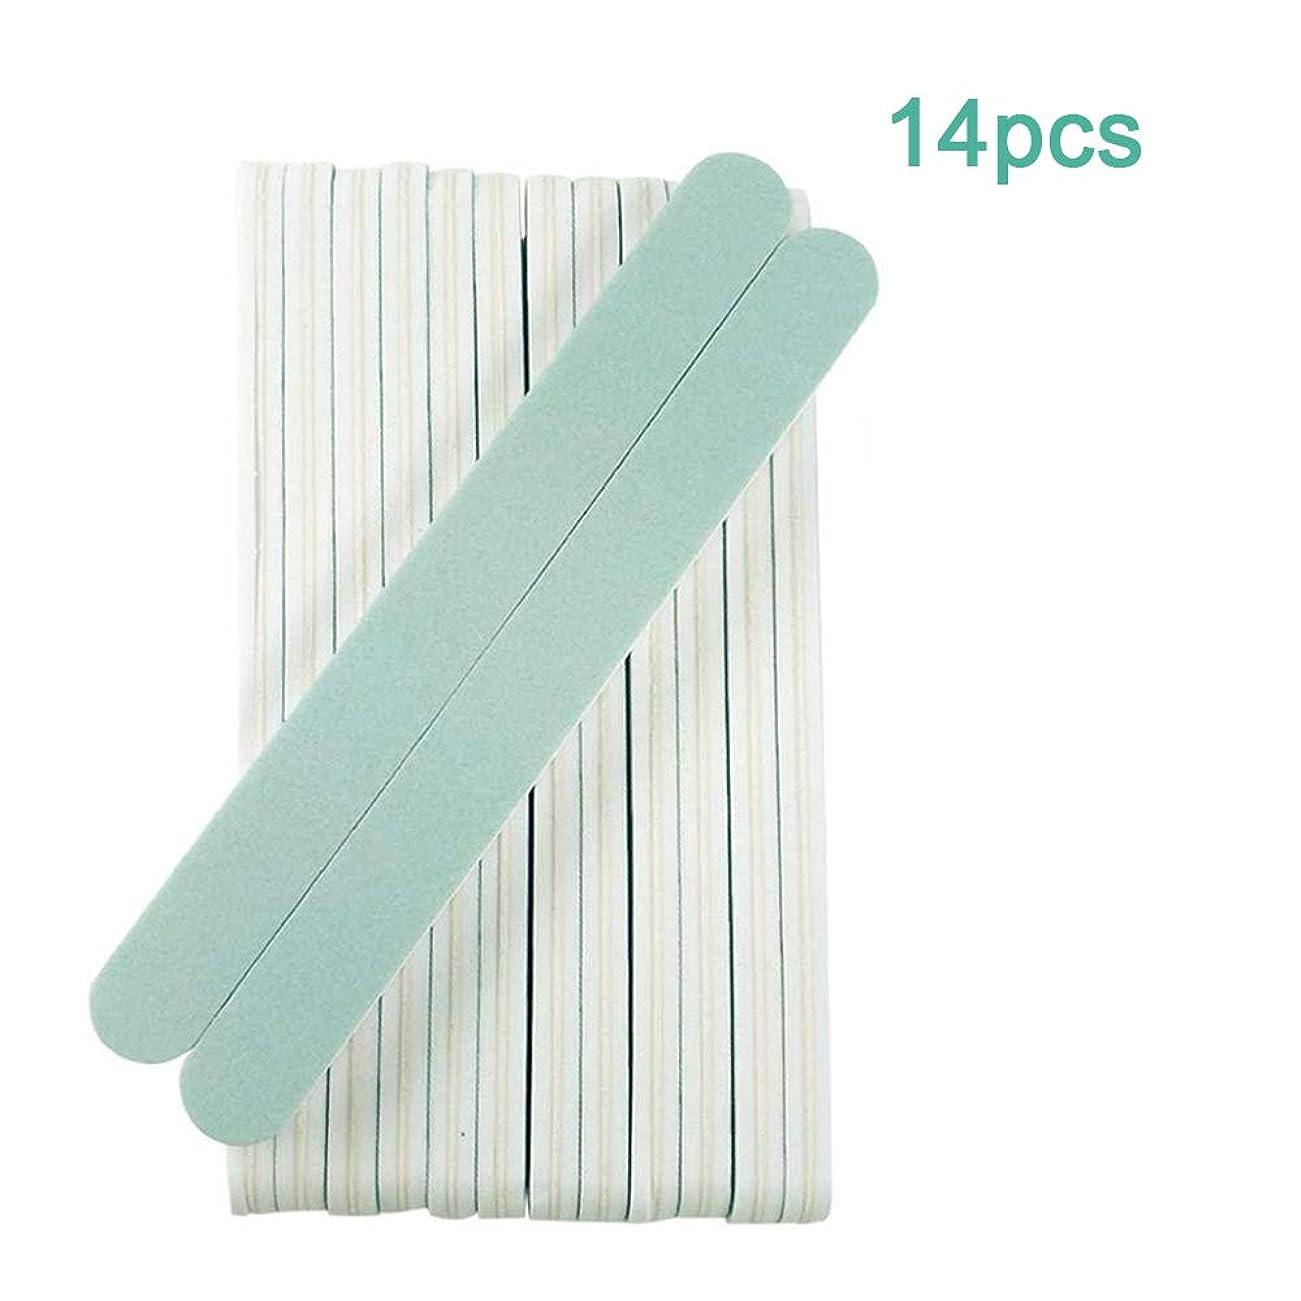 うれしいクレア売るジェルネイルファイルセット プロネイルバッファー 爪やすり 爪磨きスポンジ ネイルシャイナーバッファー600/3000 グリット14本セット